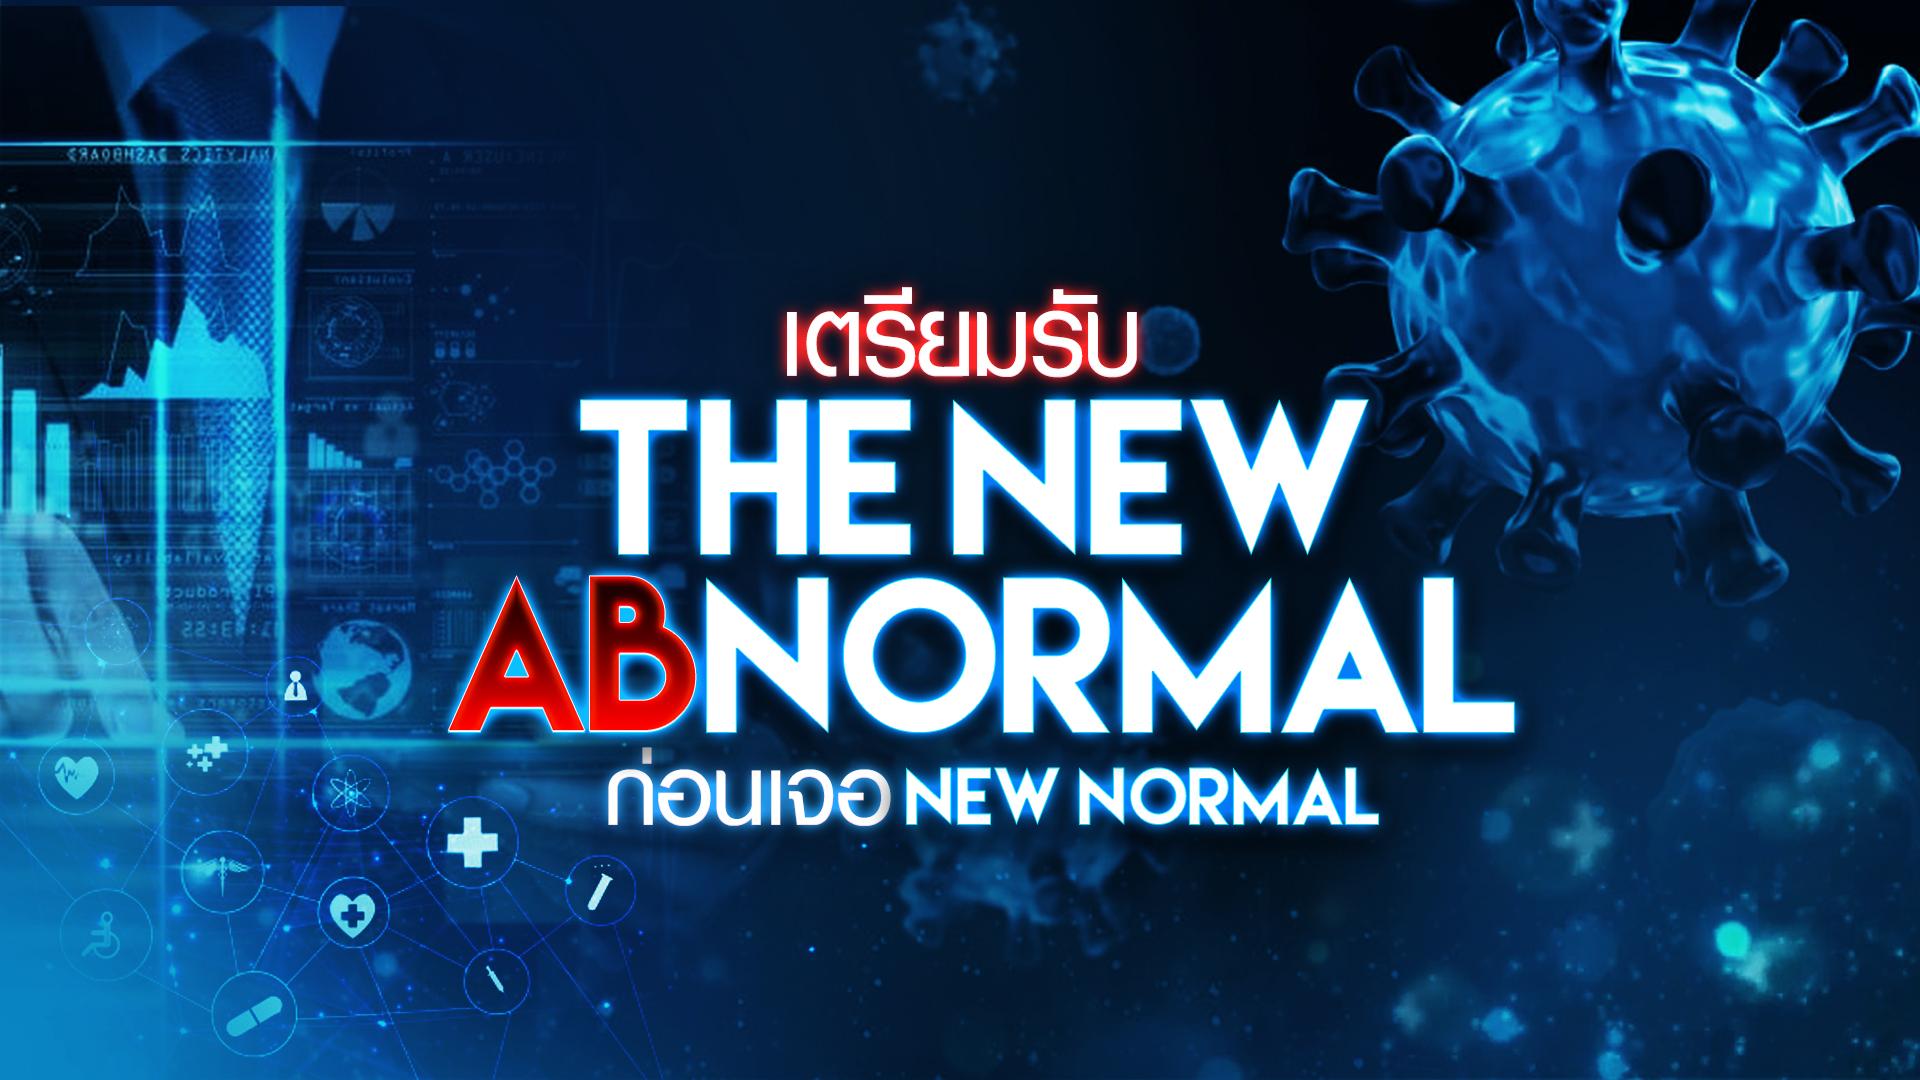 ไทยปรับตัวรับ The New Abnormal ก่อนเจอ New Normal